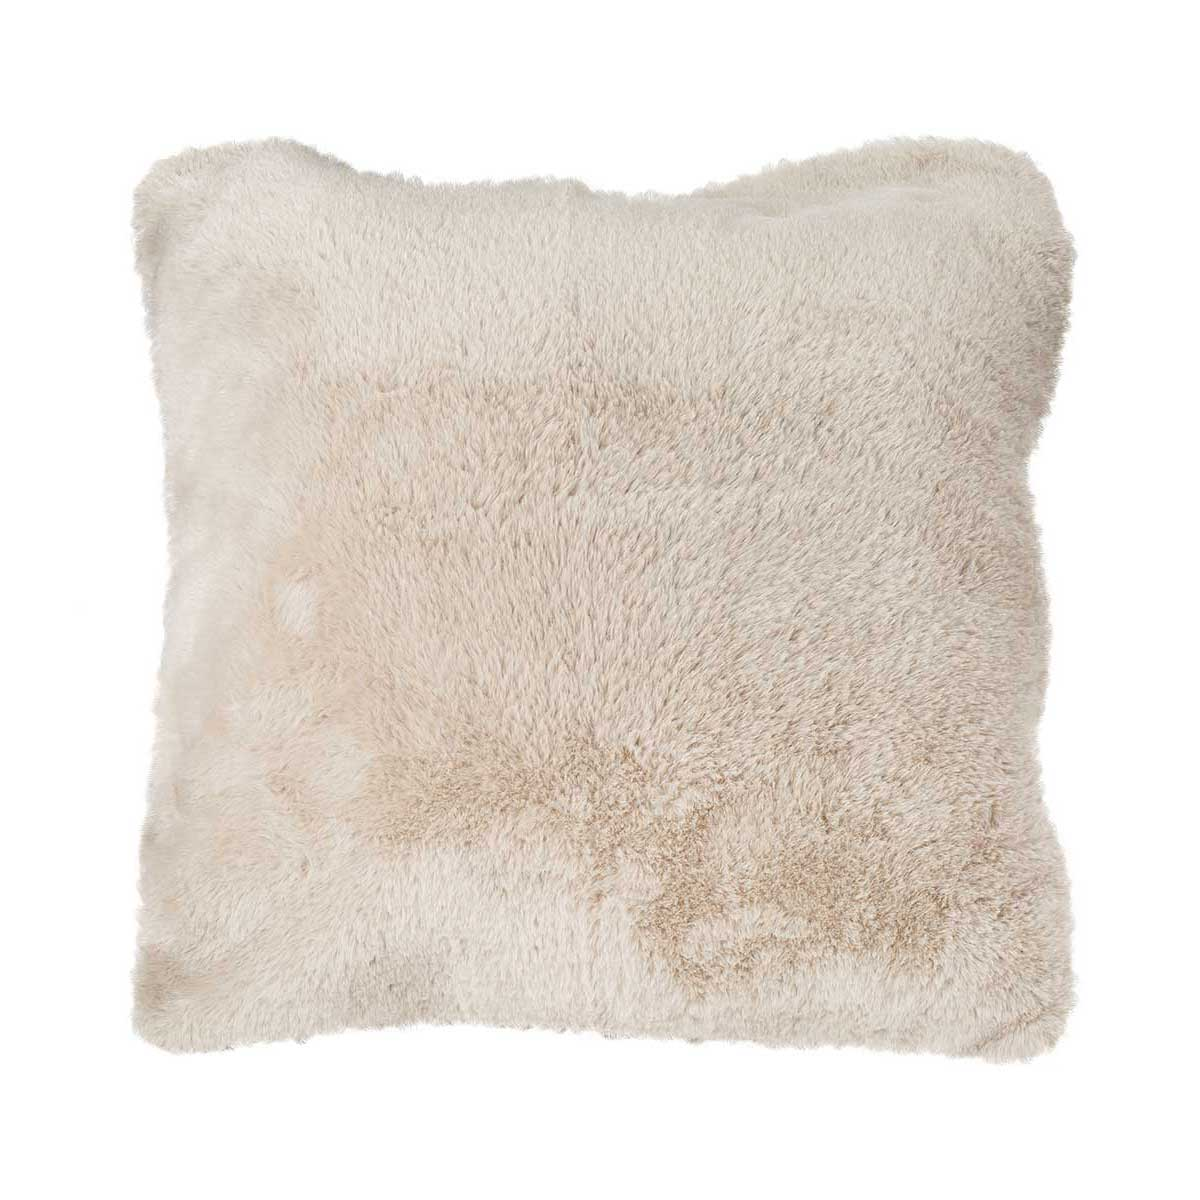 Housse de coussin en imitation fourrure polyester galet 45x45